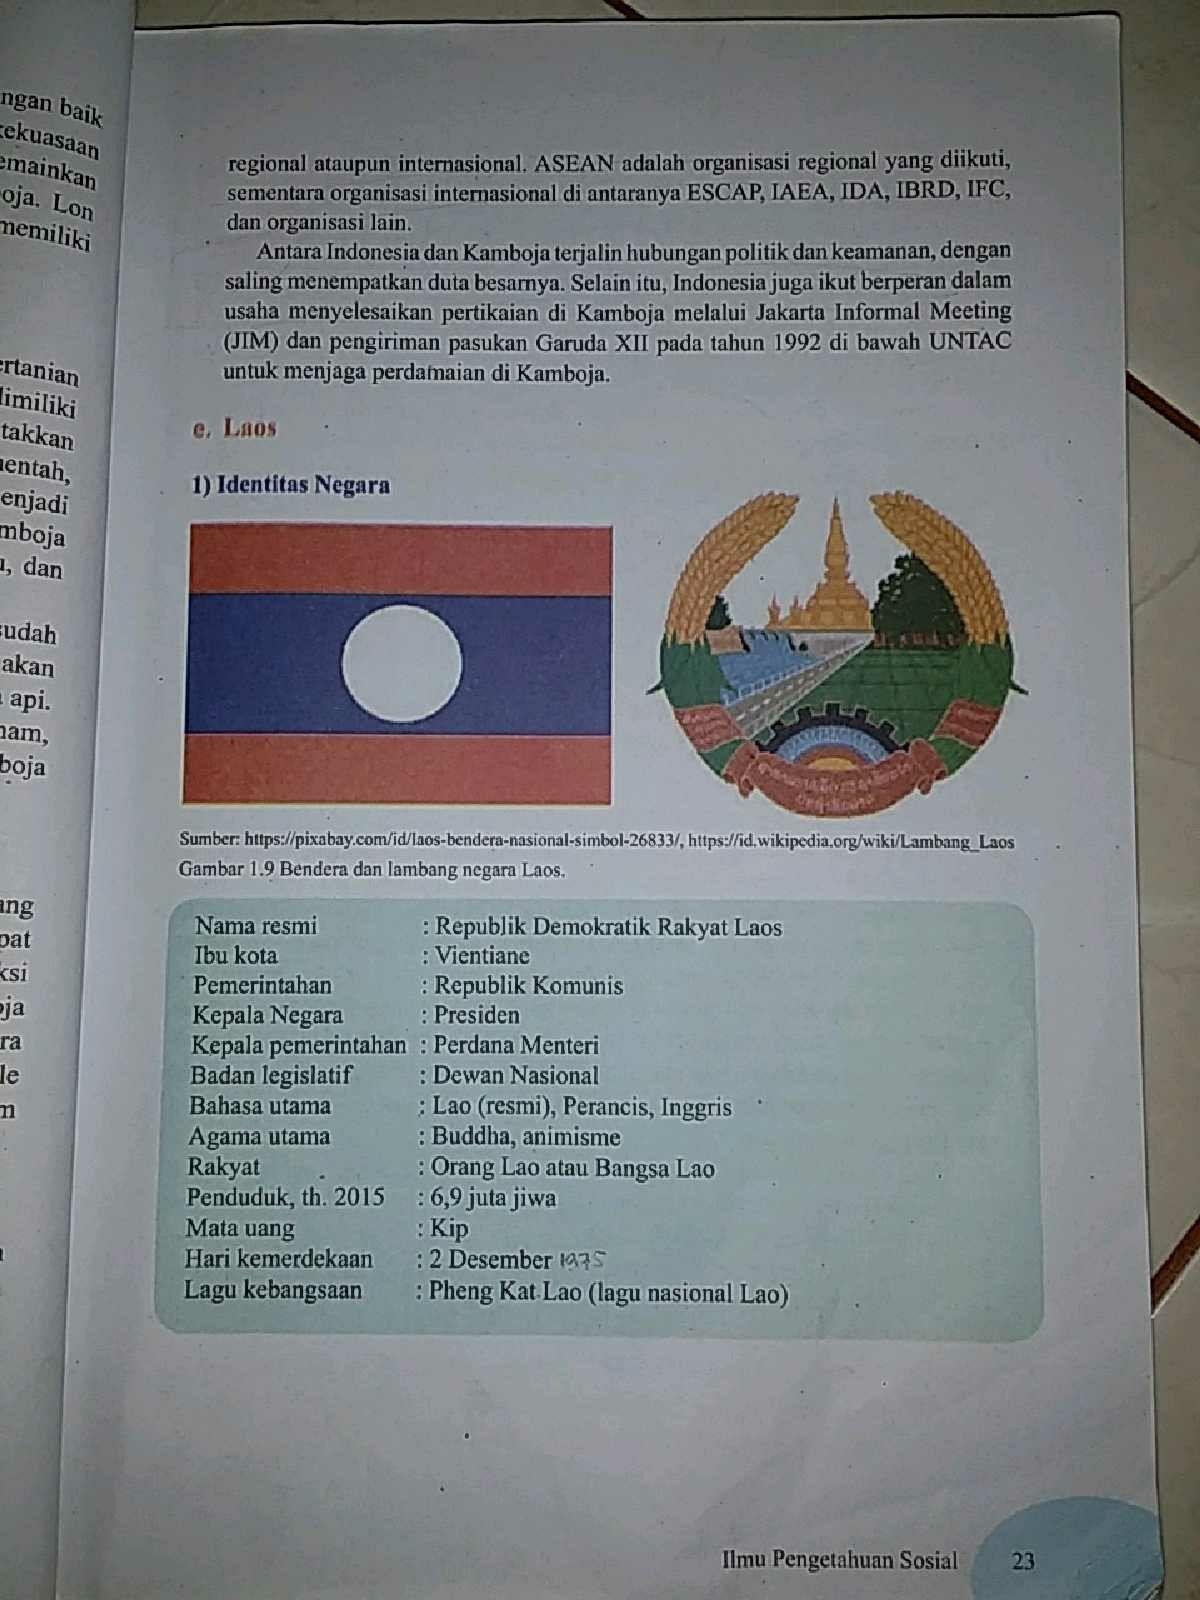 Pin Oleh Jewana Di Jewana Pengikut Kamboja Empati